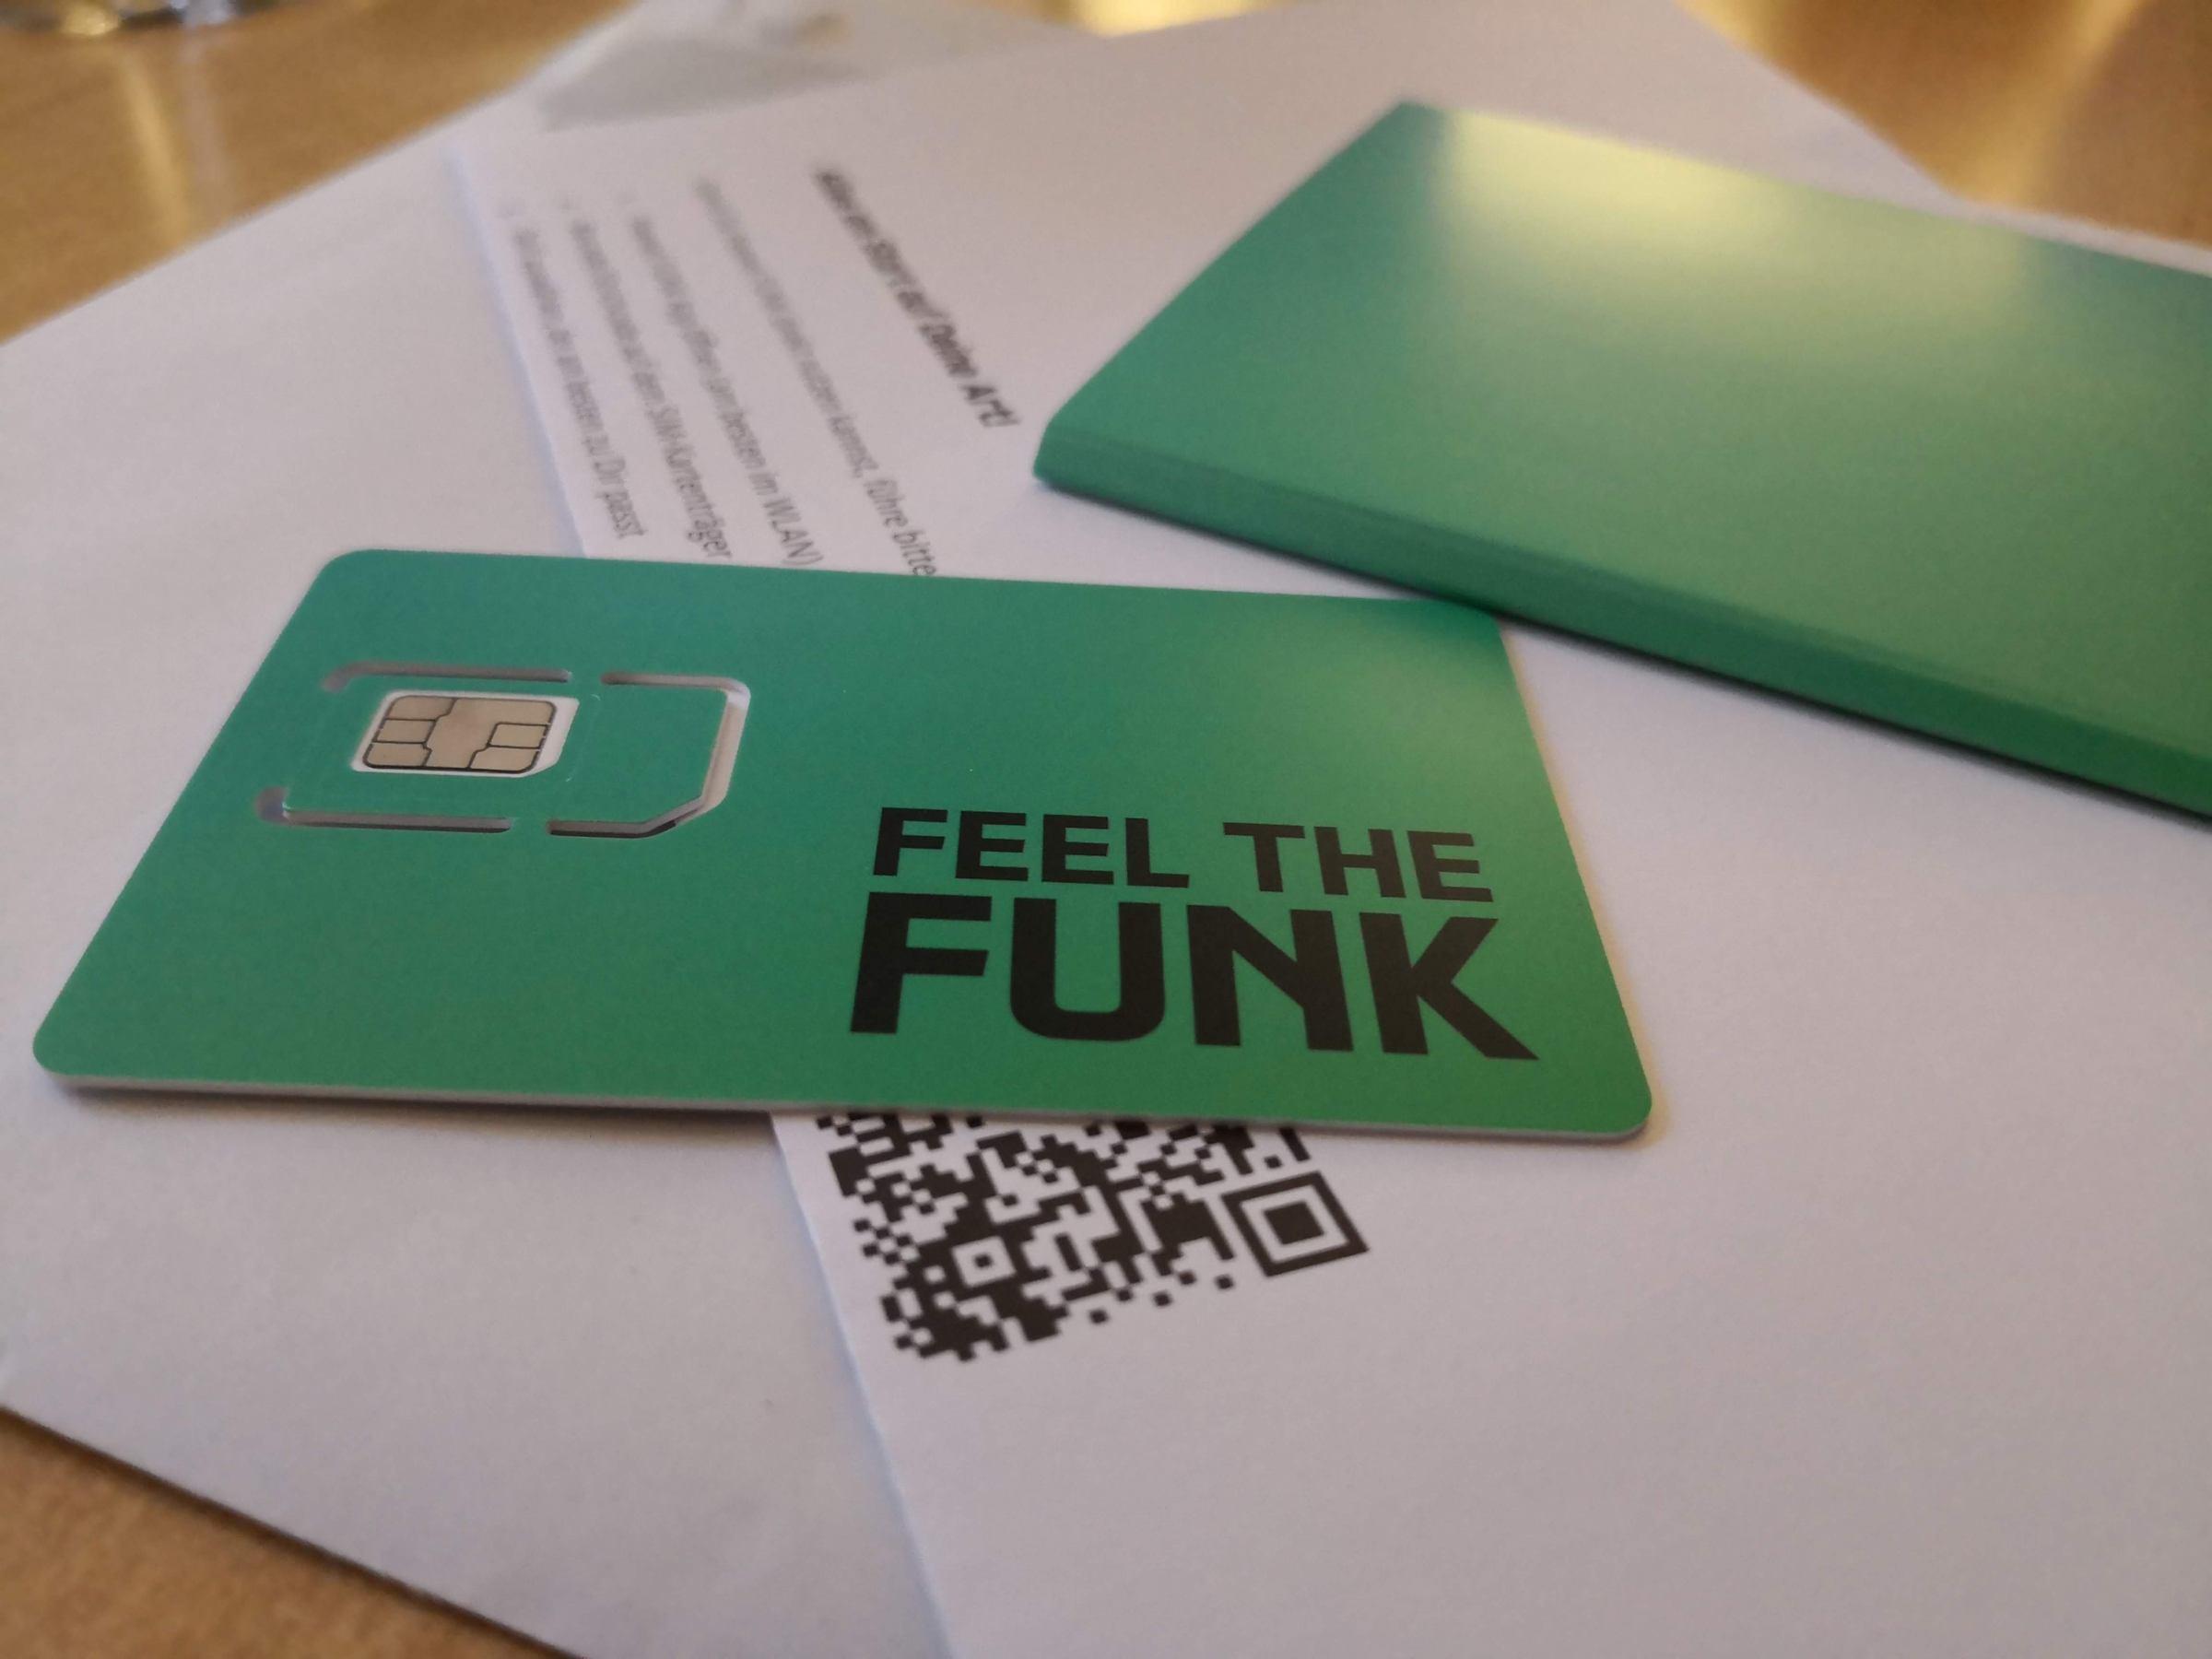 Prepaid Karte Deaktiviert Wieder Aktivieren.Freenet Funk Im Test Erfahrungen Mit Der 99 Cent Lte Flatrate